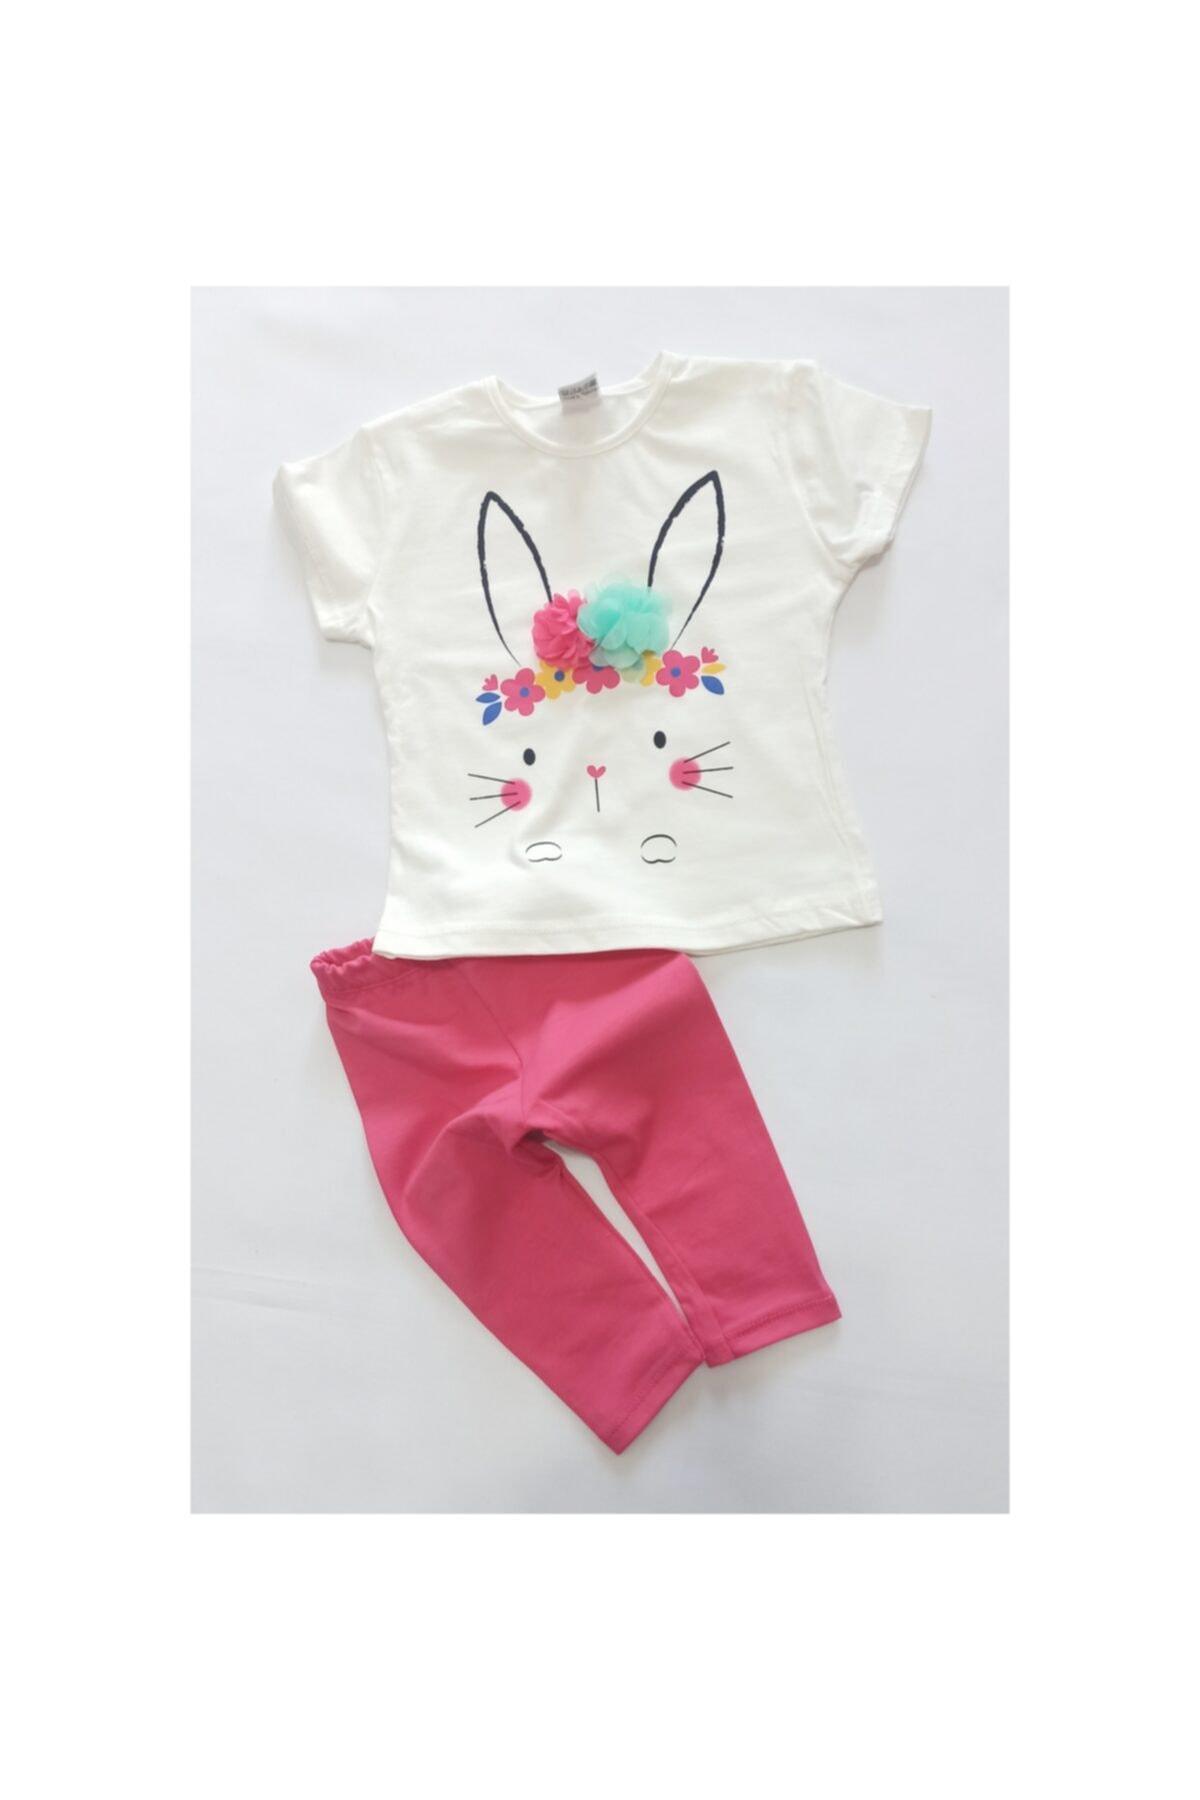 Crazy Baby Süslü Tavşan Kız Bebek Kapri Tişört Alt Üst Takım 1-2-3 Yaş 1